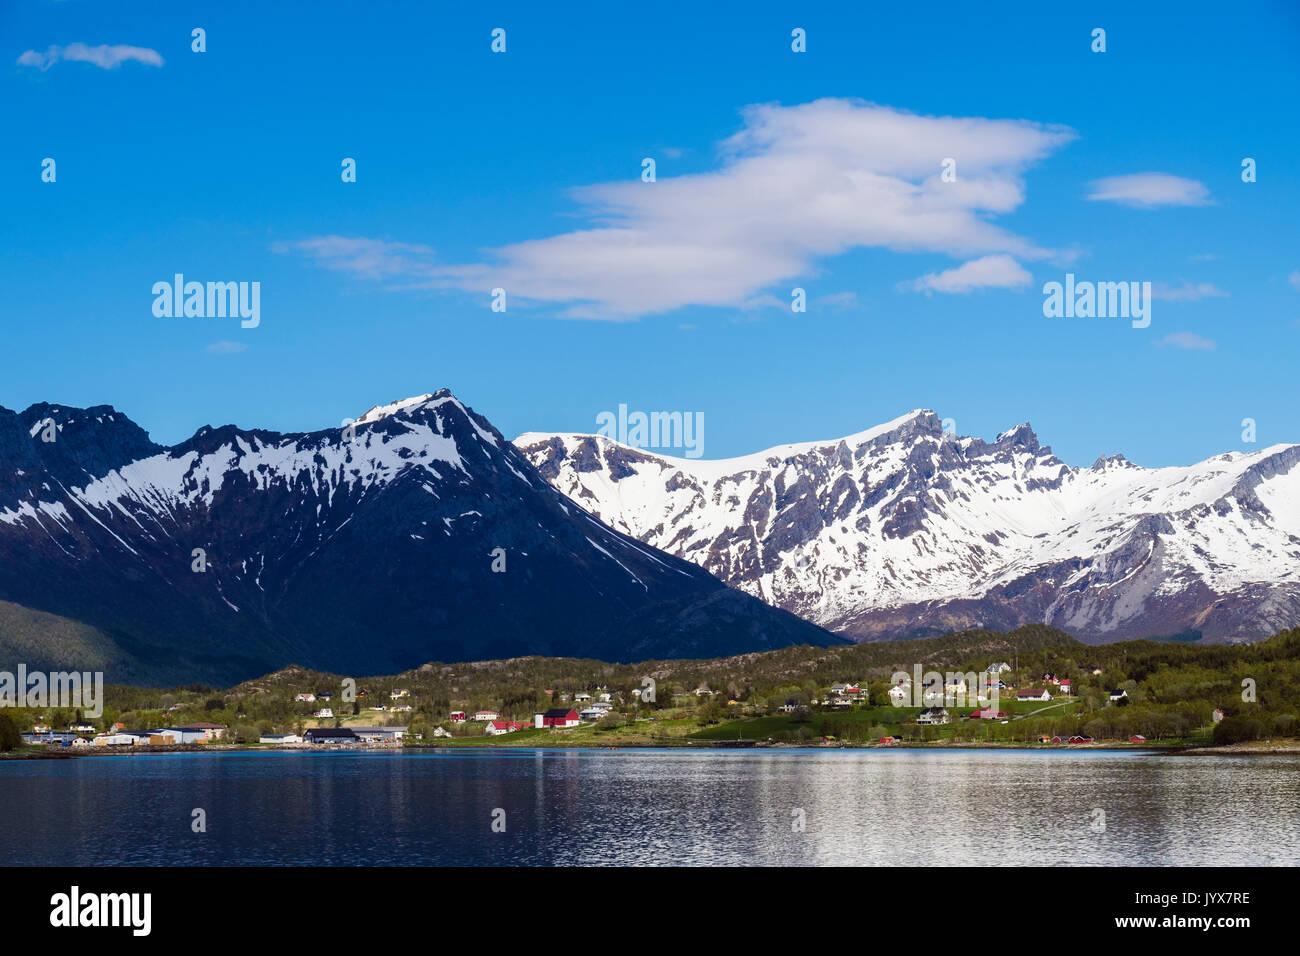 Vista offshore di montagne innevate e rurali di kommune accanto Arhaugfjorden norvegese sulla costa nord occidentale in estate. Halsa, Nordland, Norvegia Immagini Stock